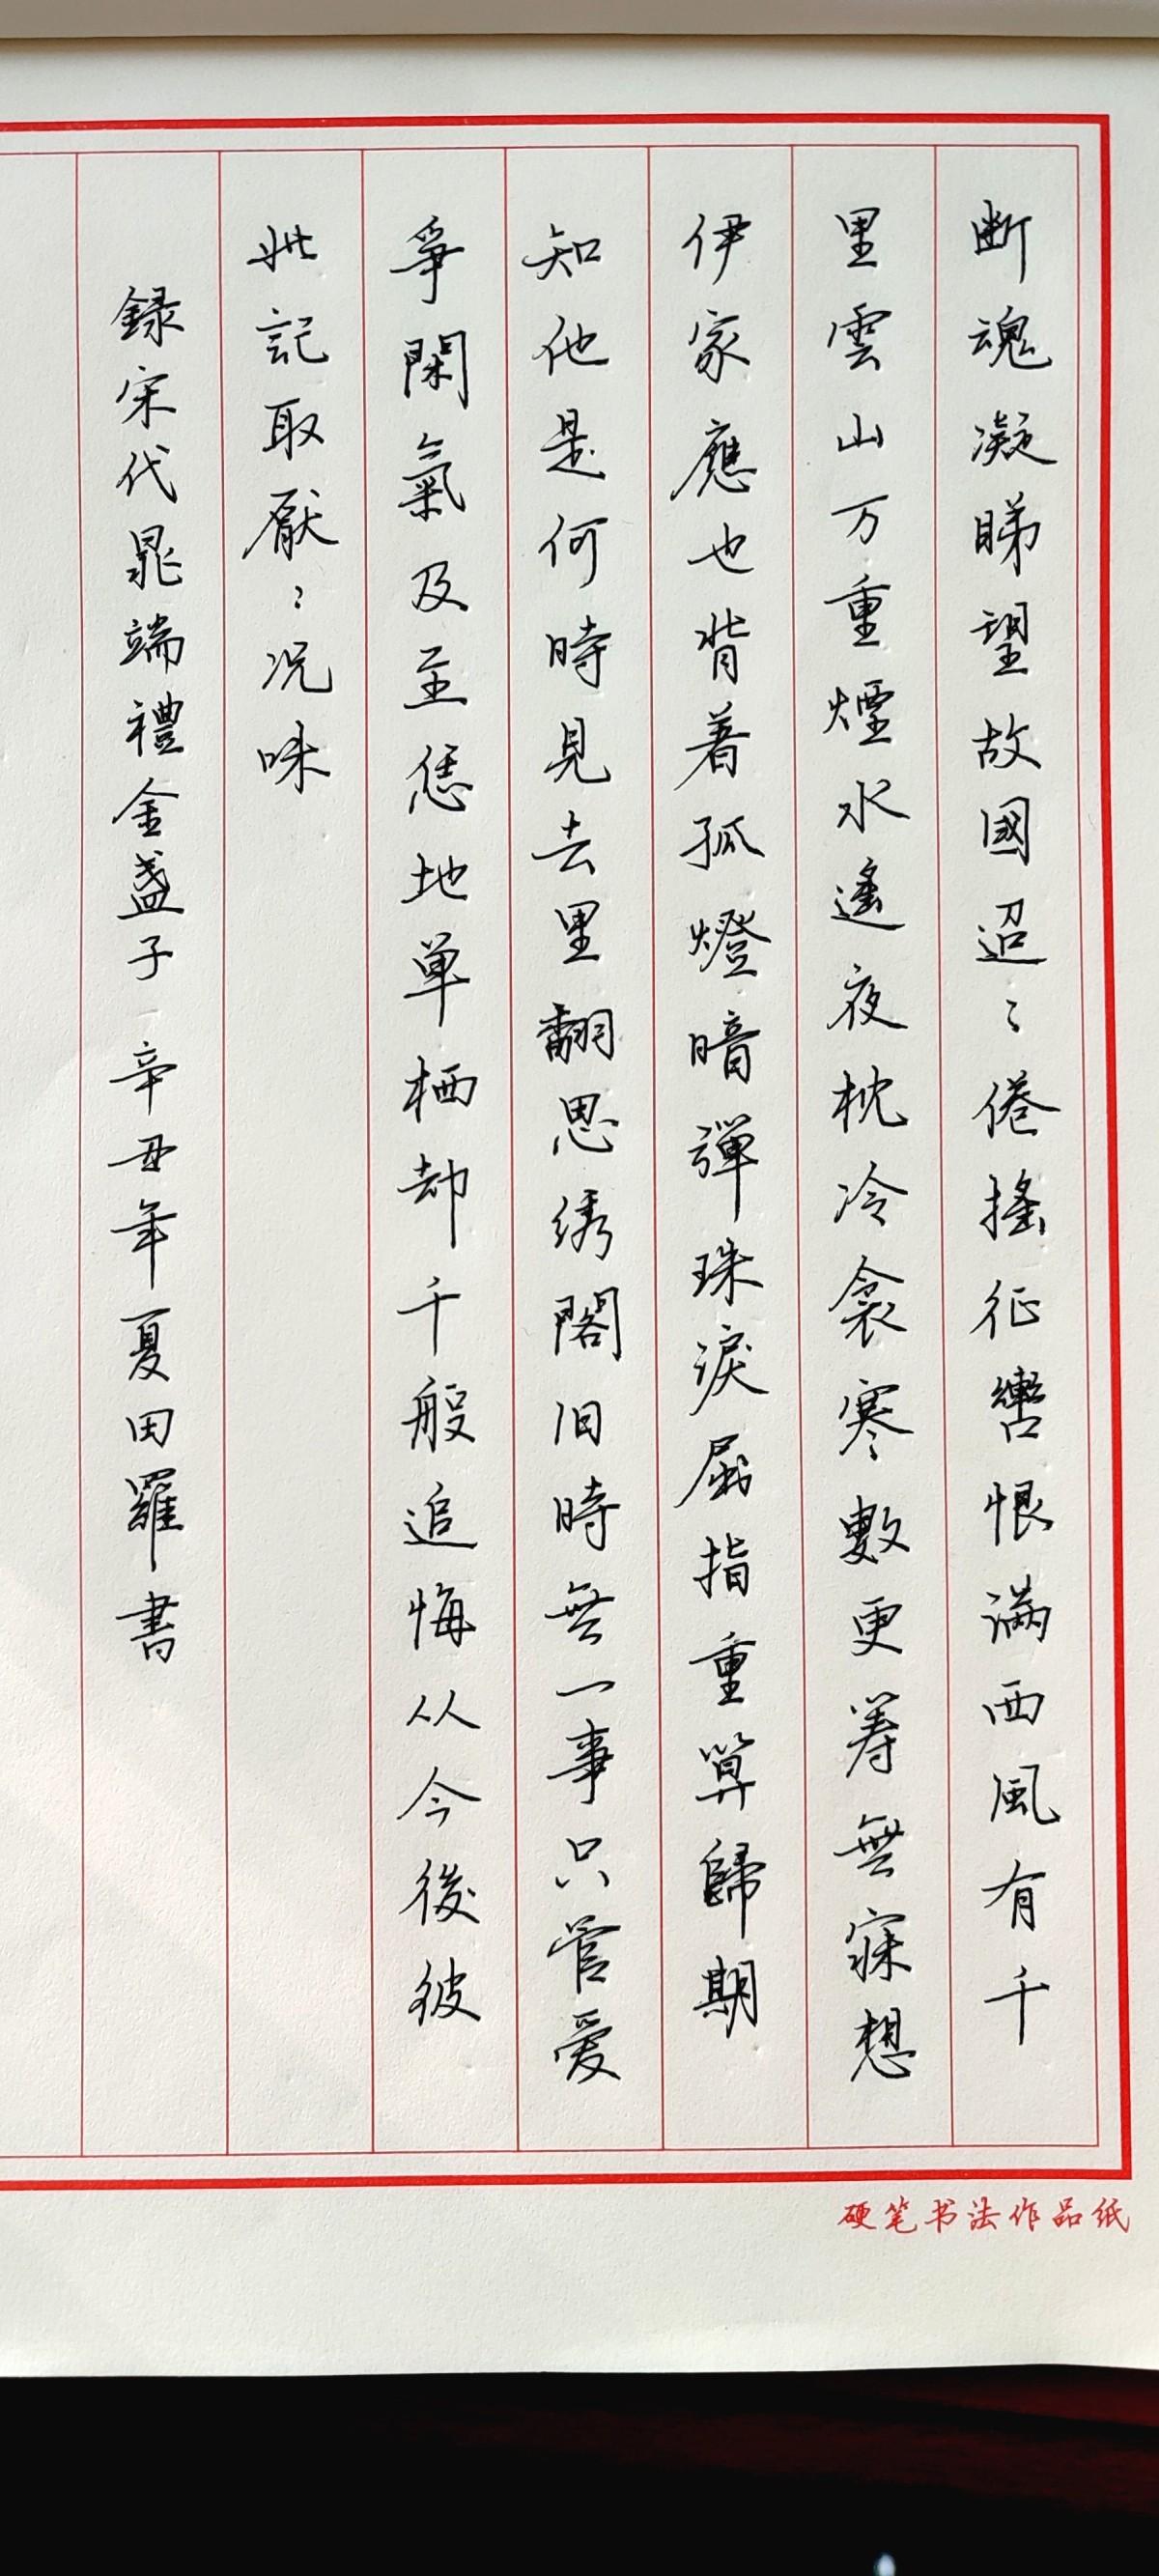 钢笔书法练字打卡20210727-18